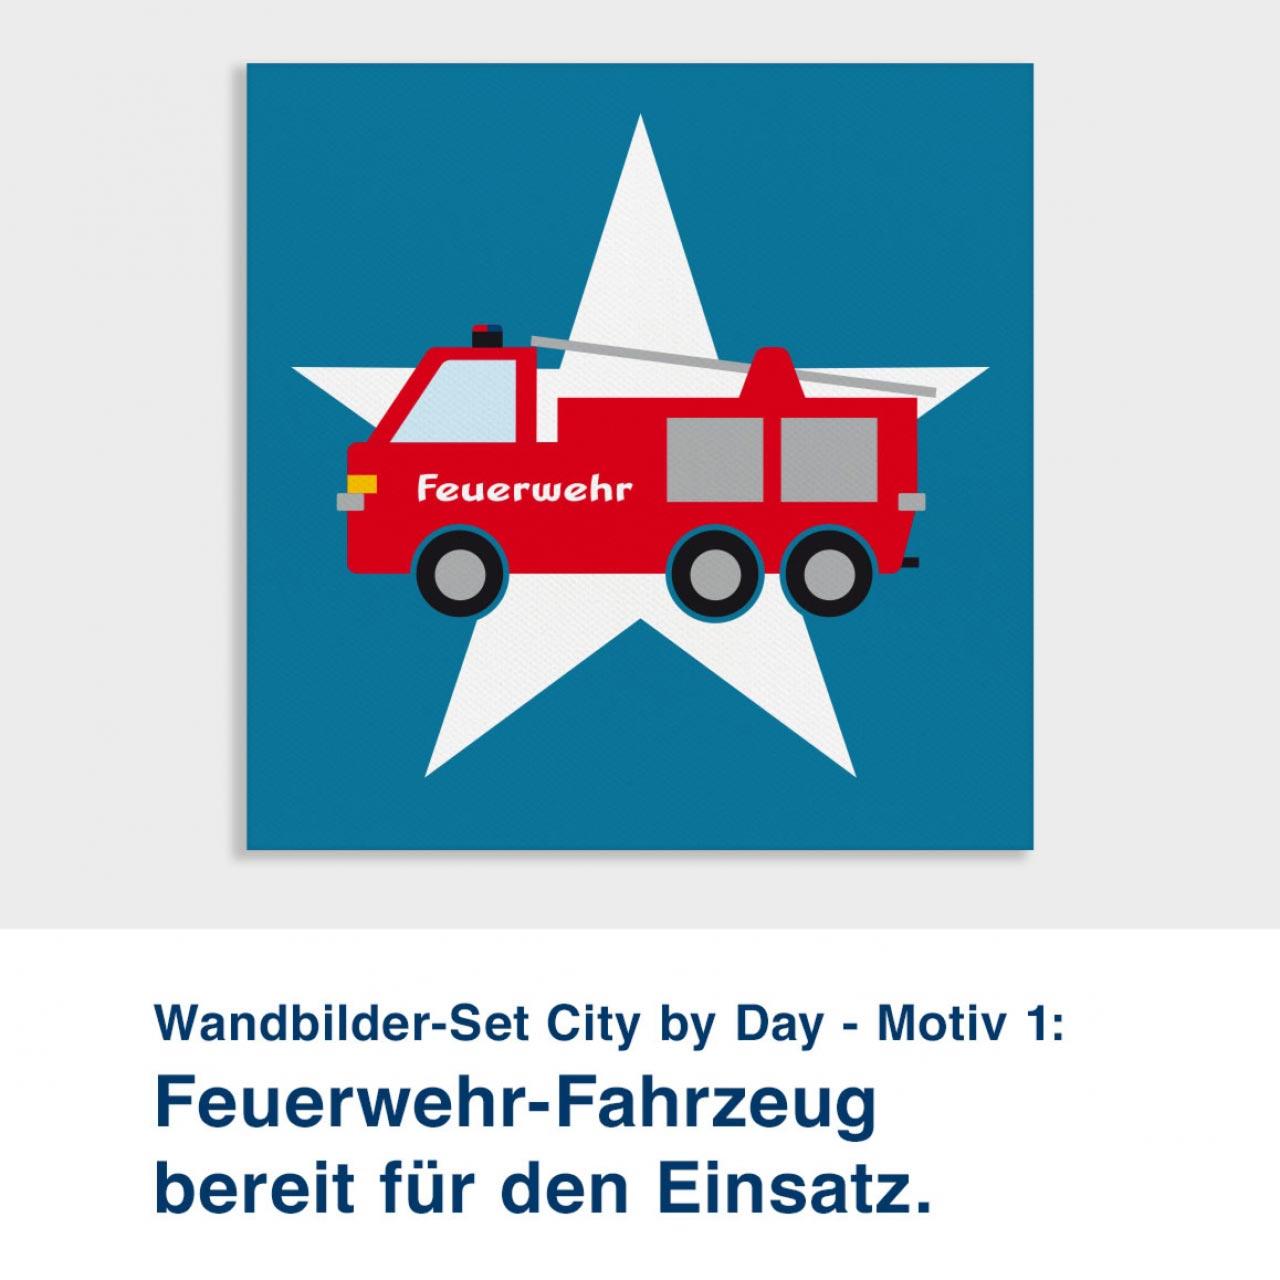 Wandbilder-Set City by Day - Motiv 1:  Feuerwehr-Fahrzeug bereit für den Einsatz.